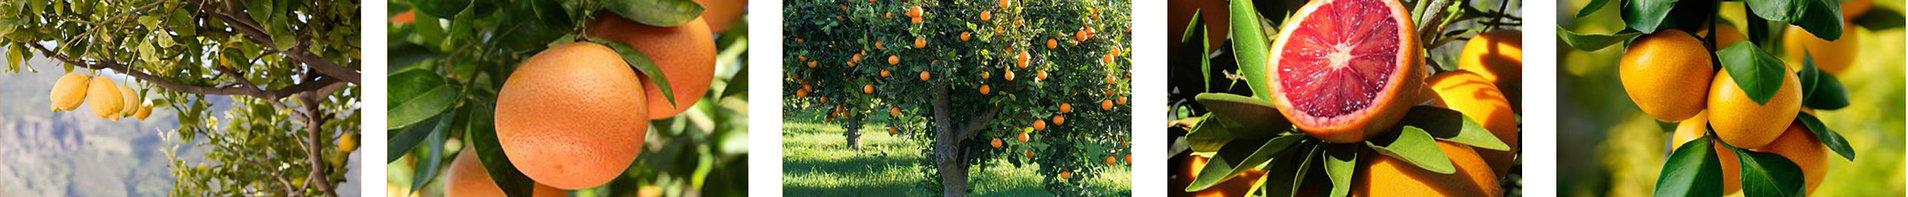 Ravifruit4.jpg